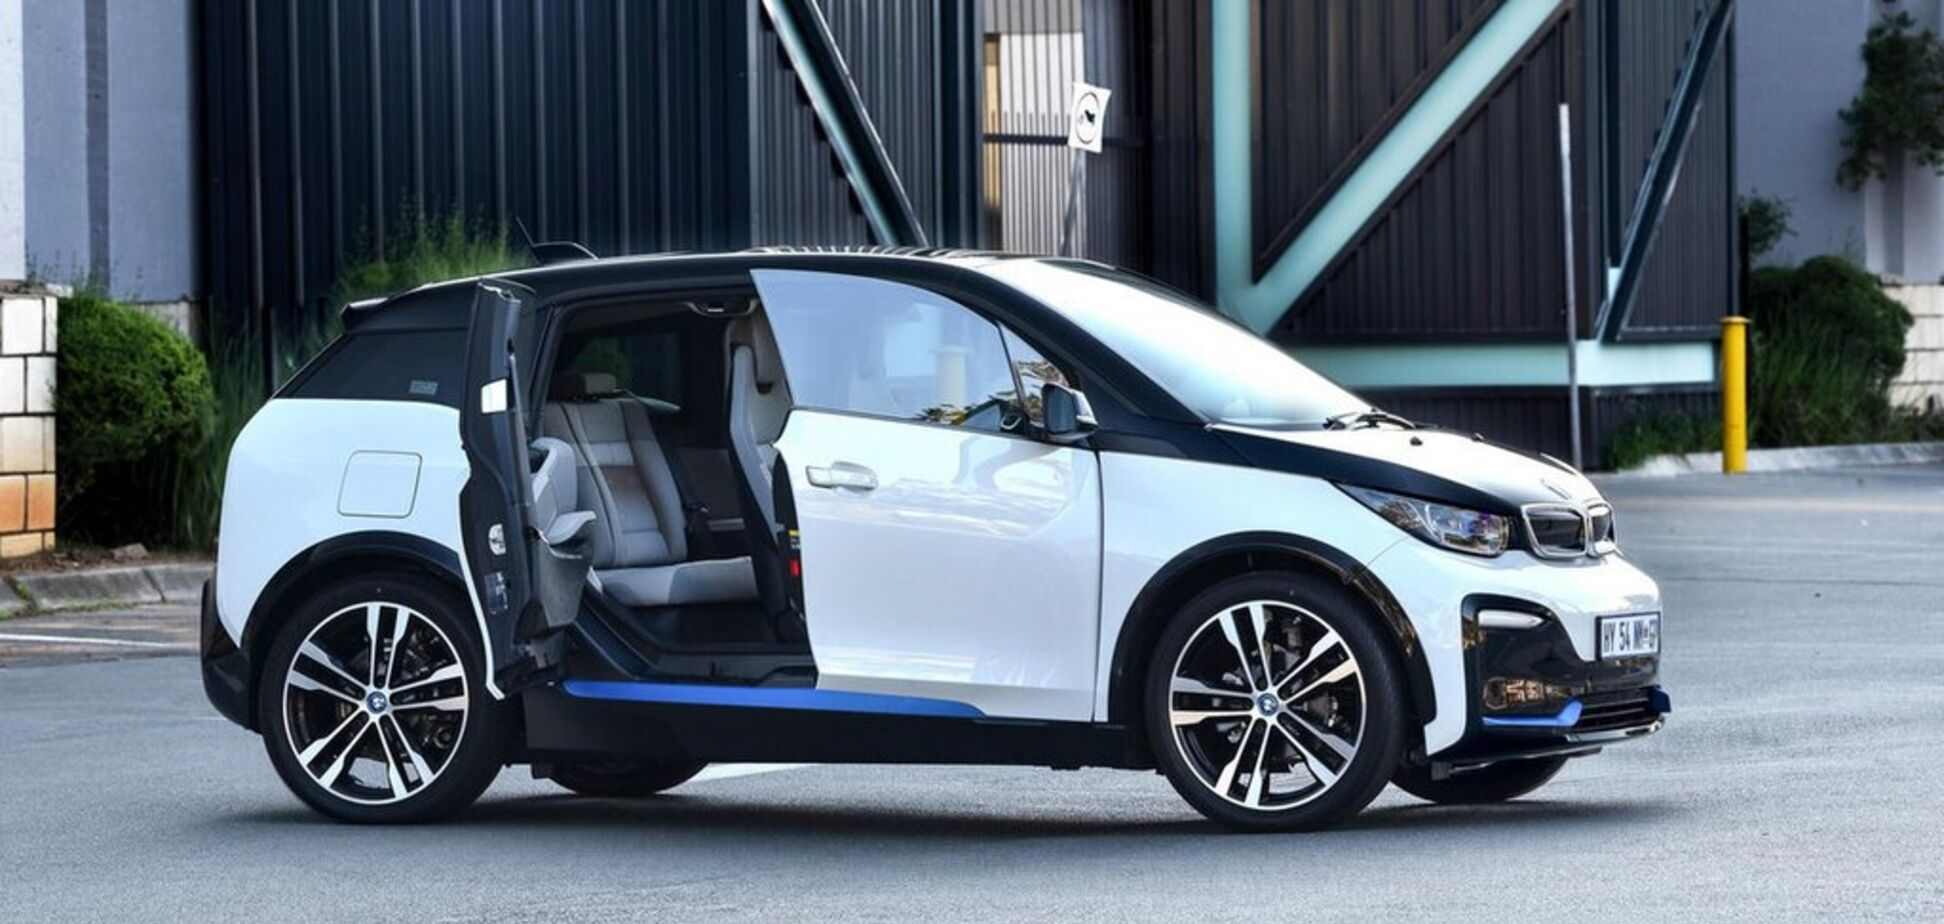 BMW вирішила відмовитися від продажу електрокара-бестселера